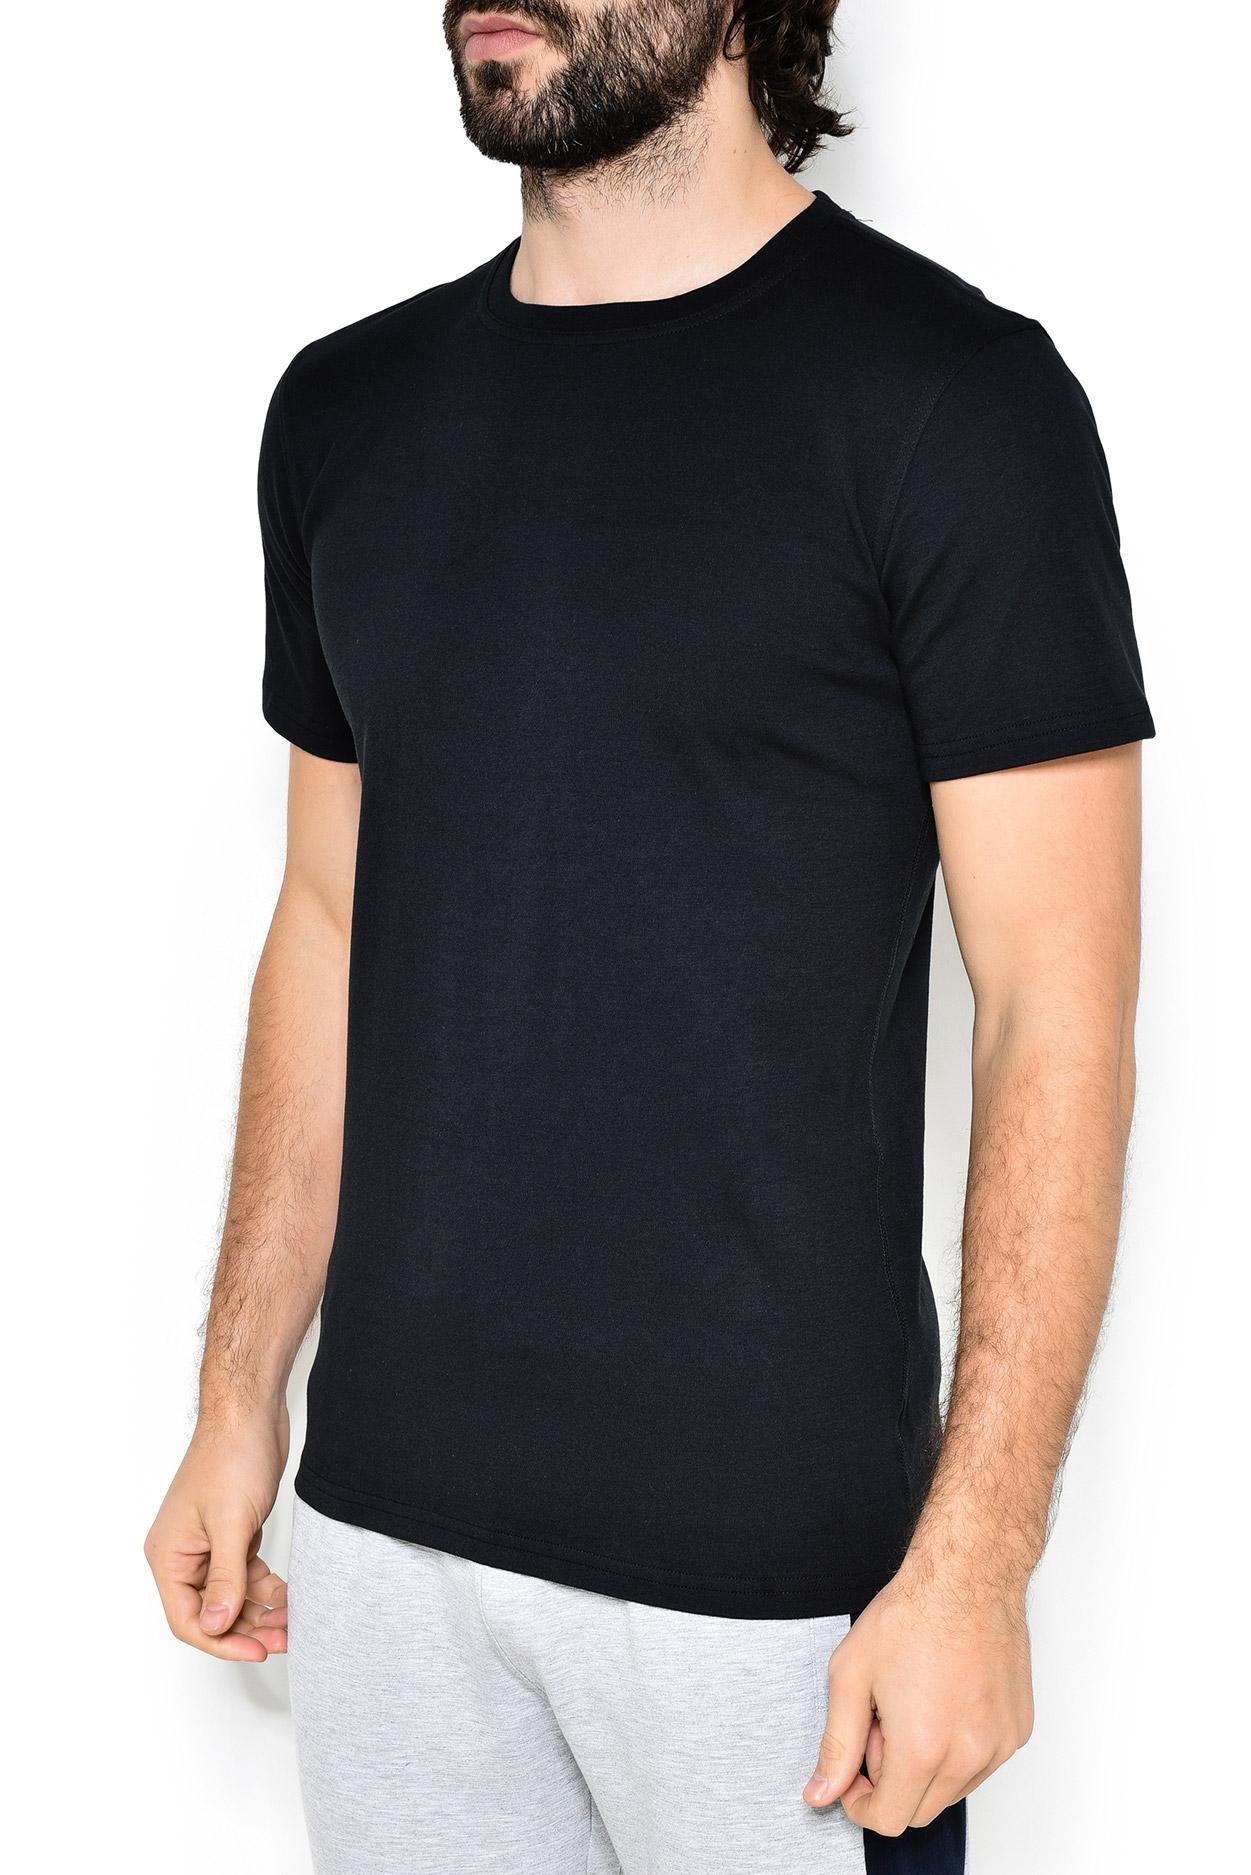 Трикотажная футболка 15501812 черный Jockey